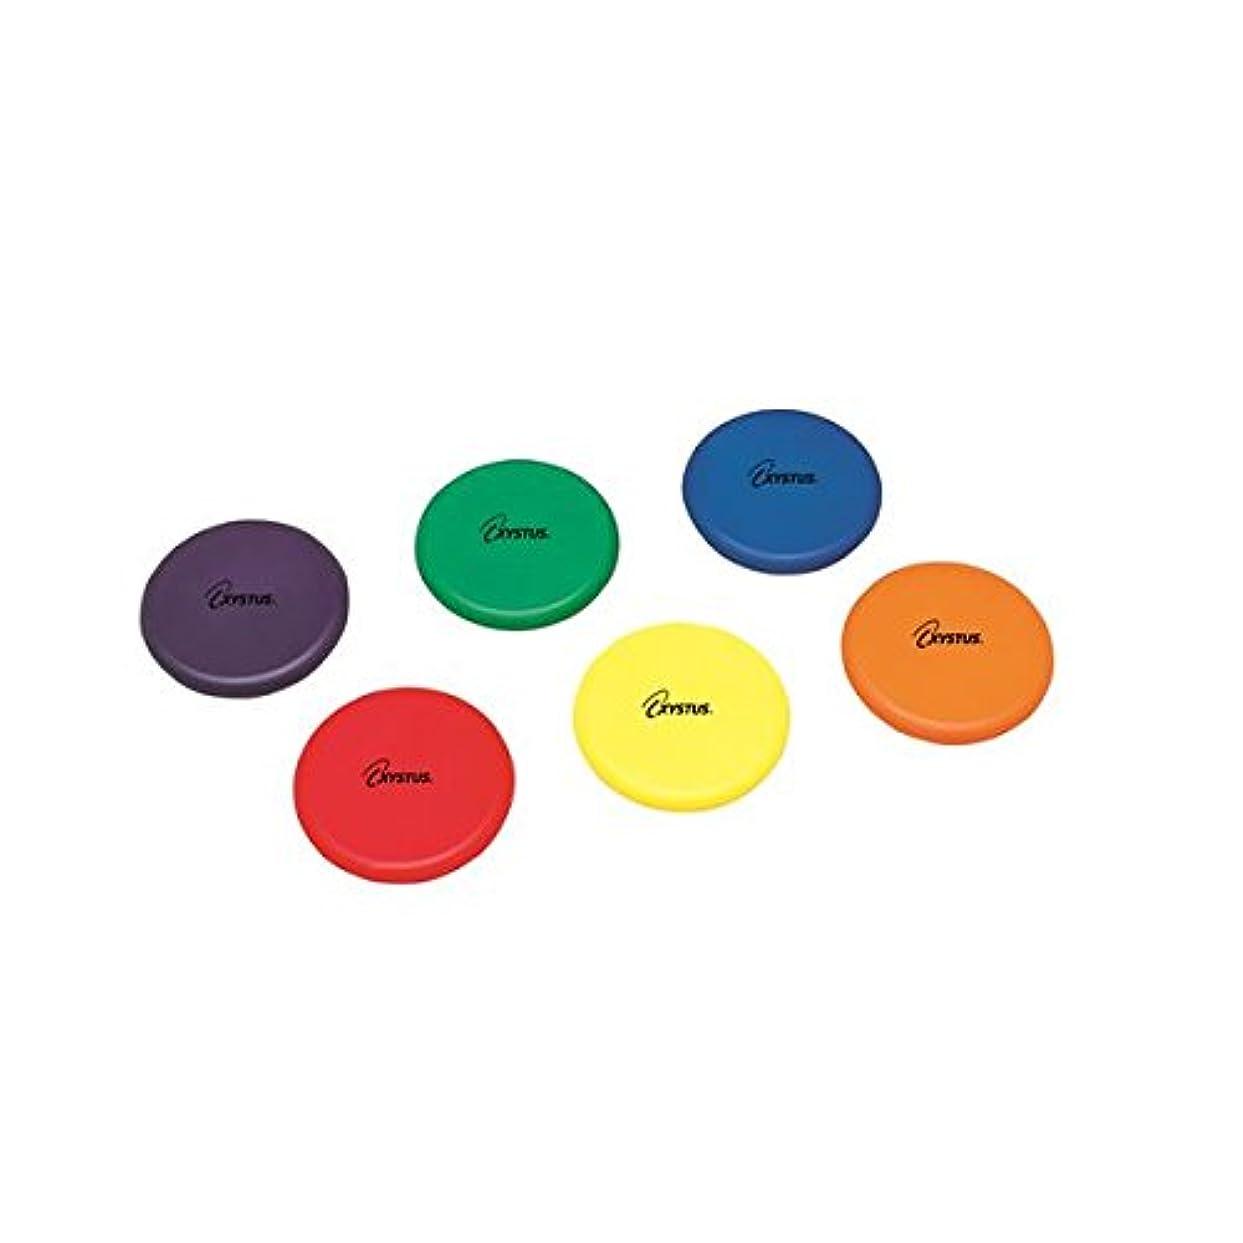 広々とした段落エゴイズムTOEI LIGHT(トーエイライト) ソフトフォームディスク B7995